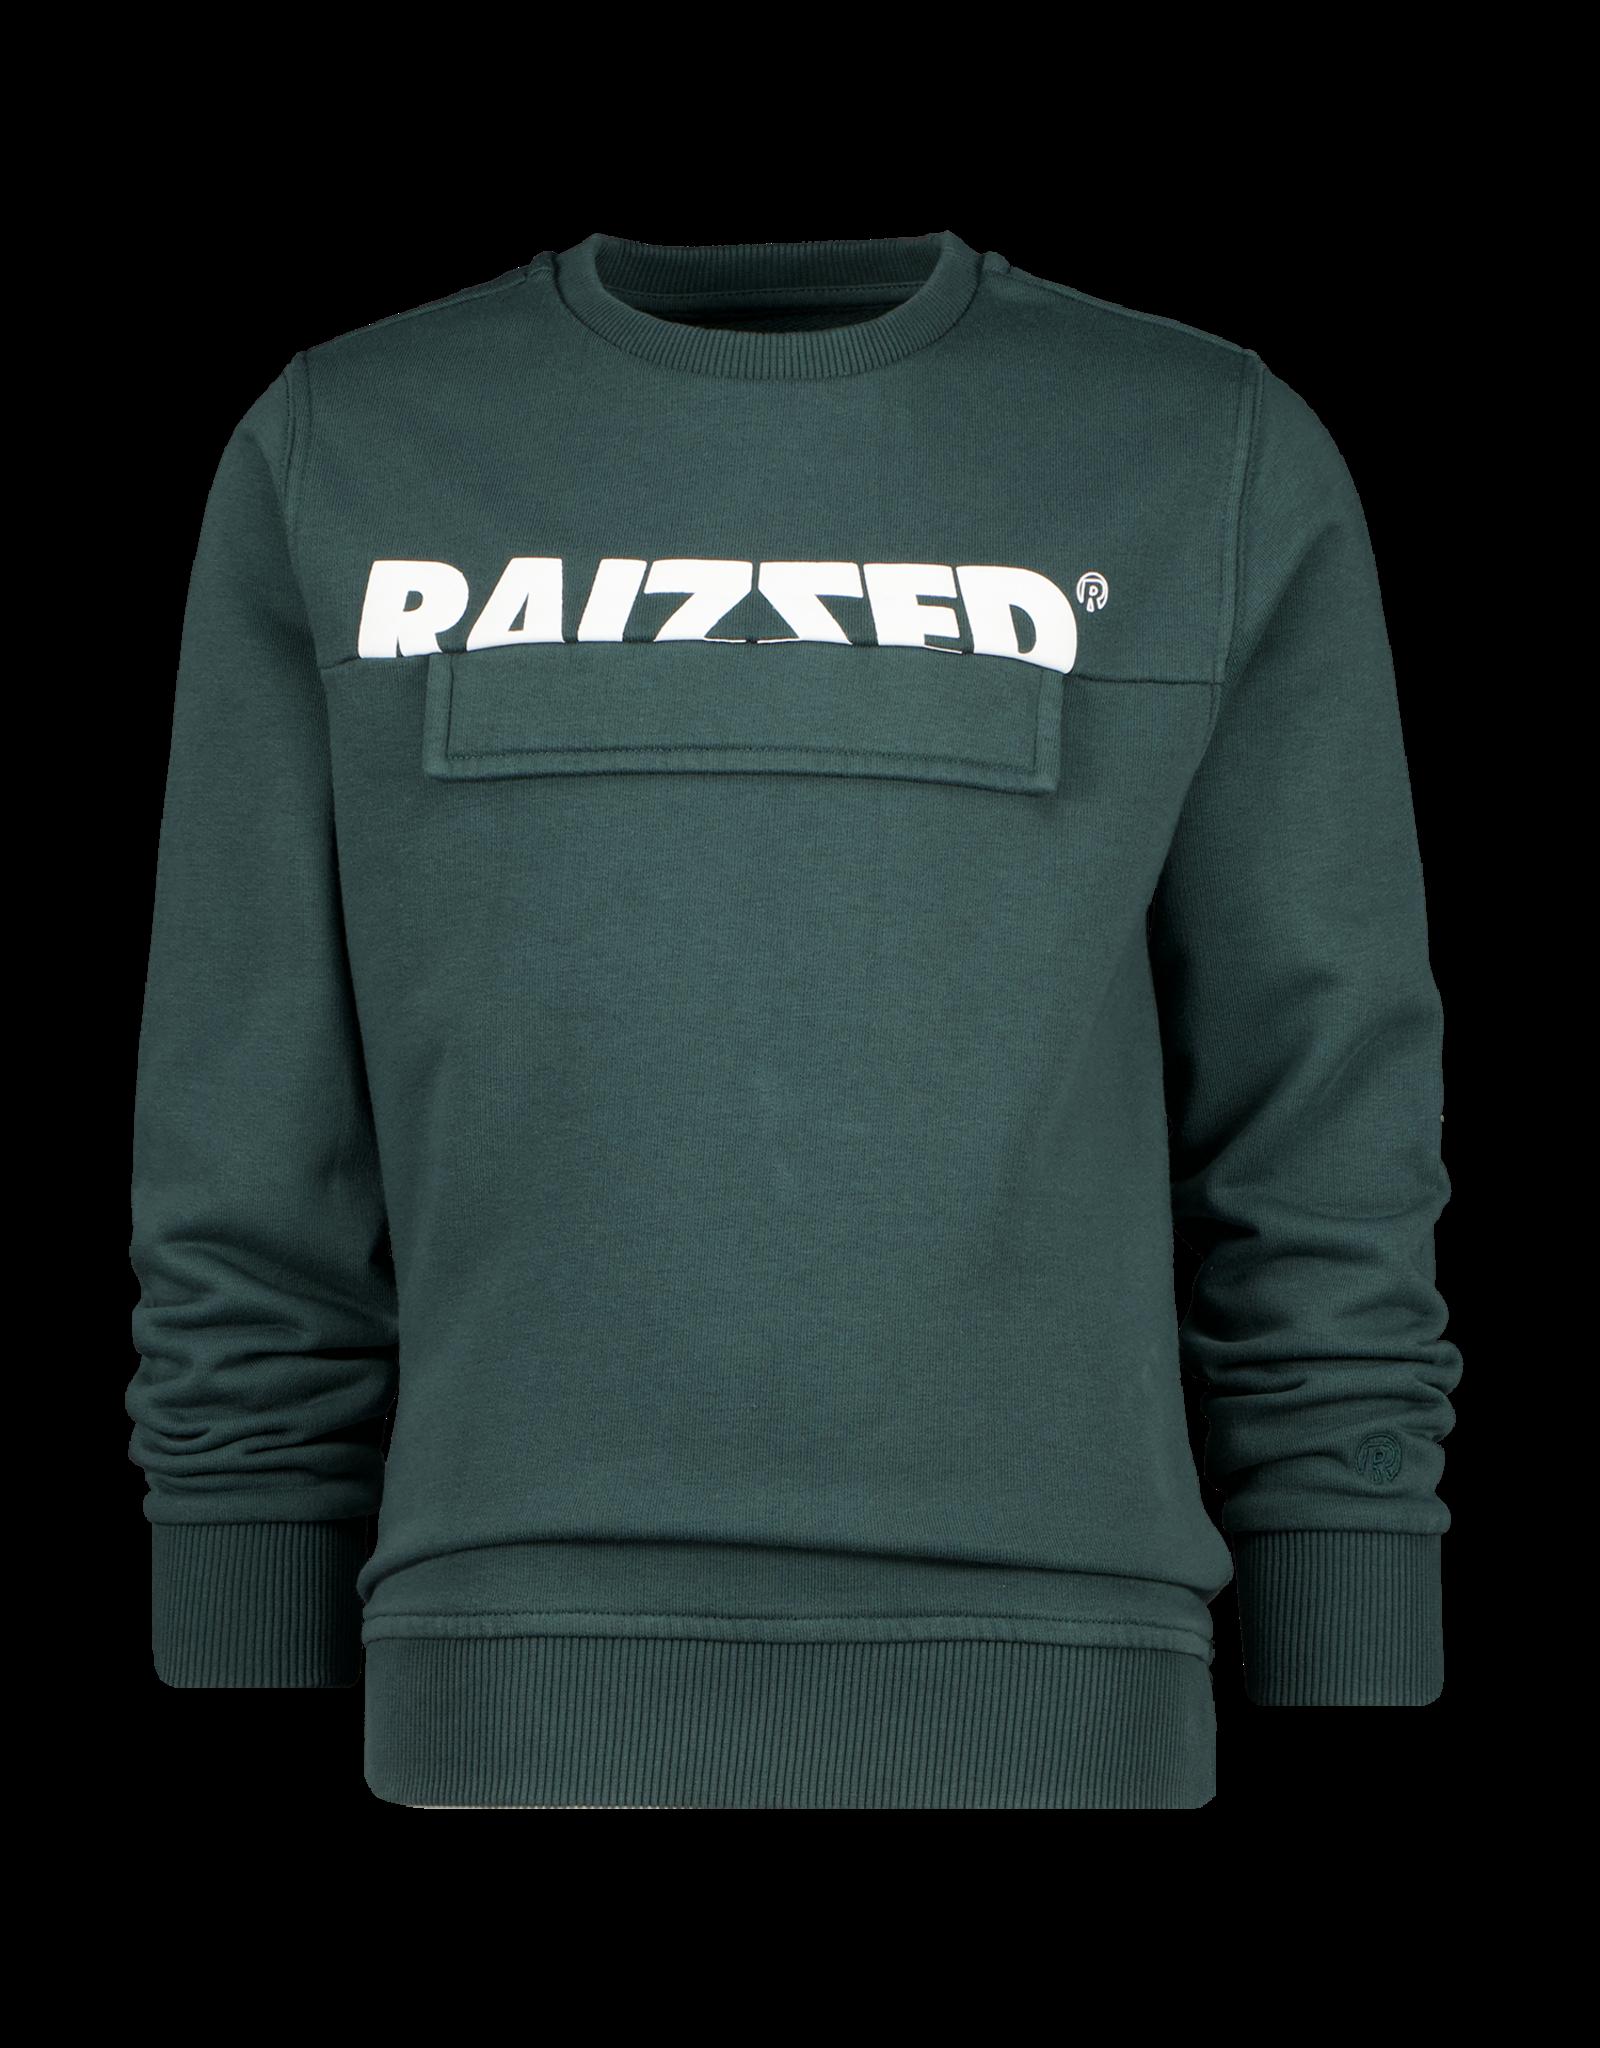 Raizzed Nacif Steel green